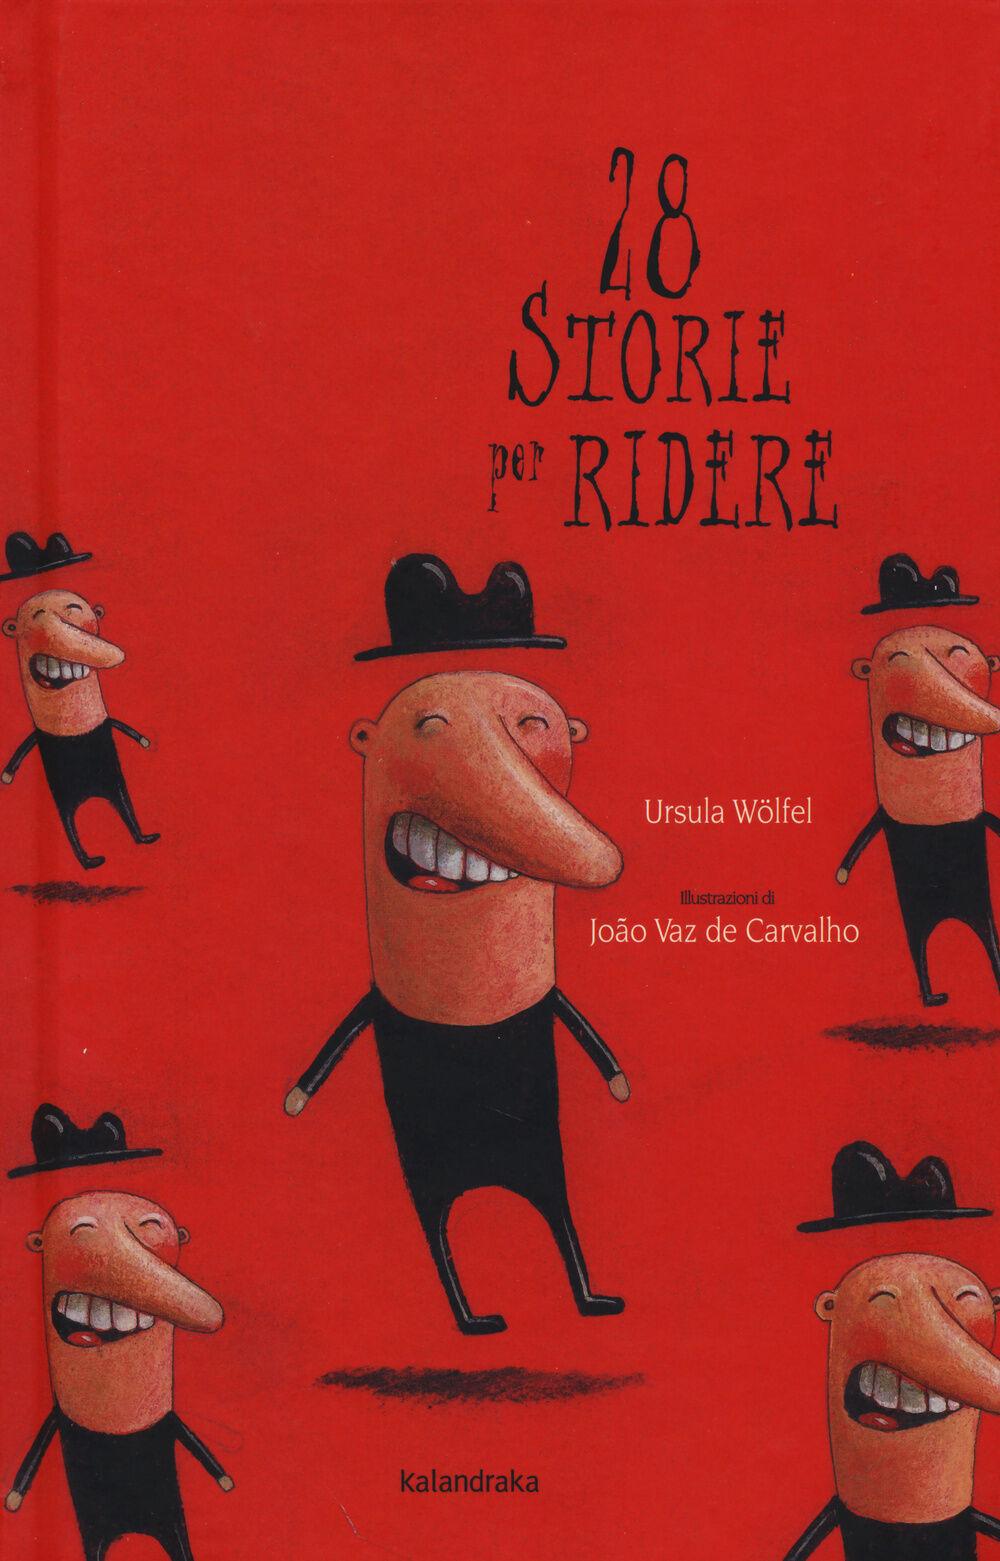 28 storie per ridere